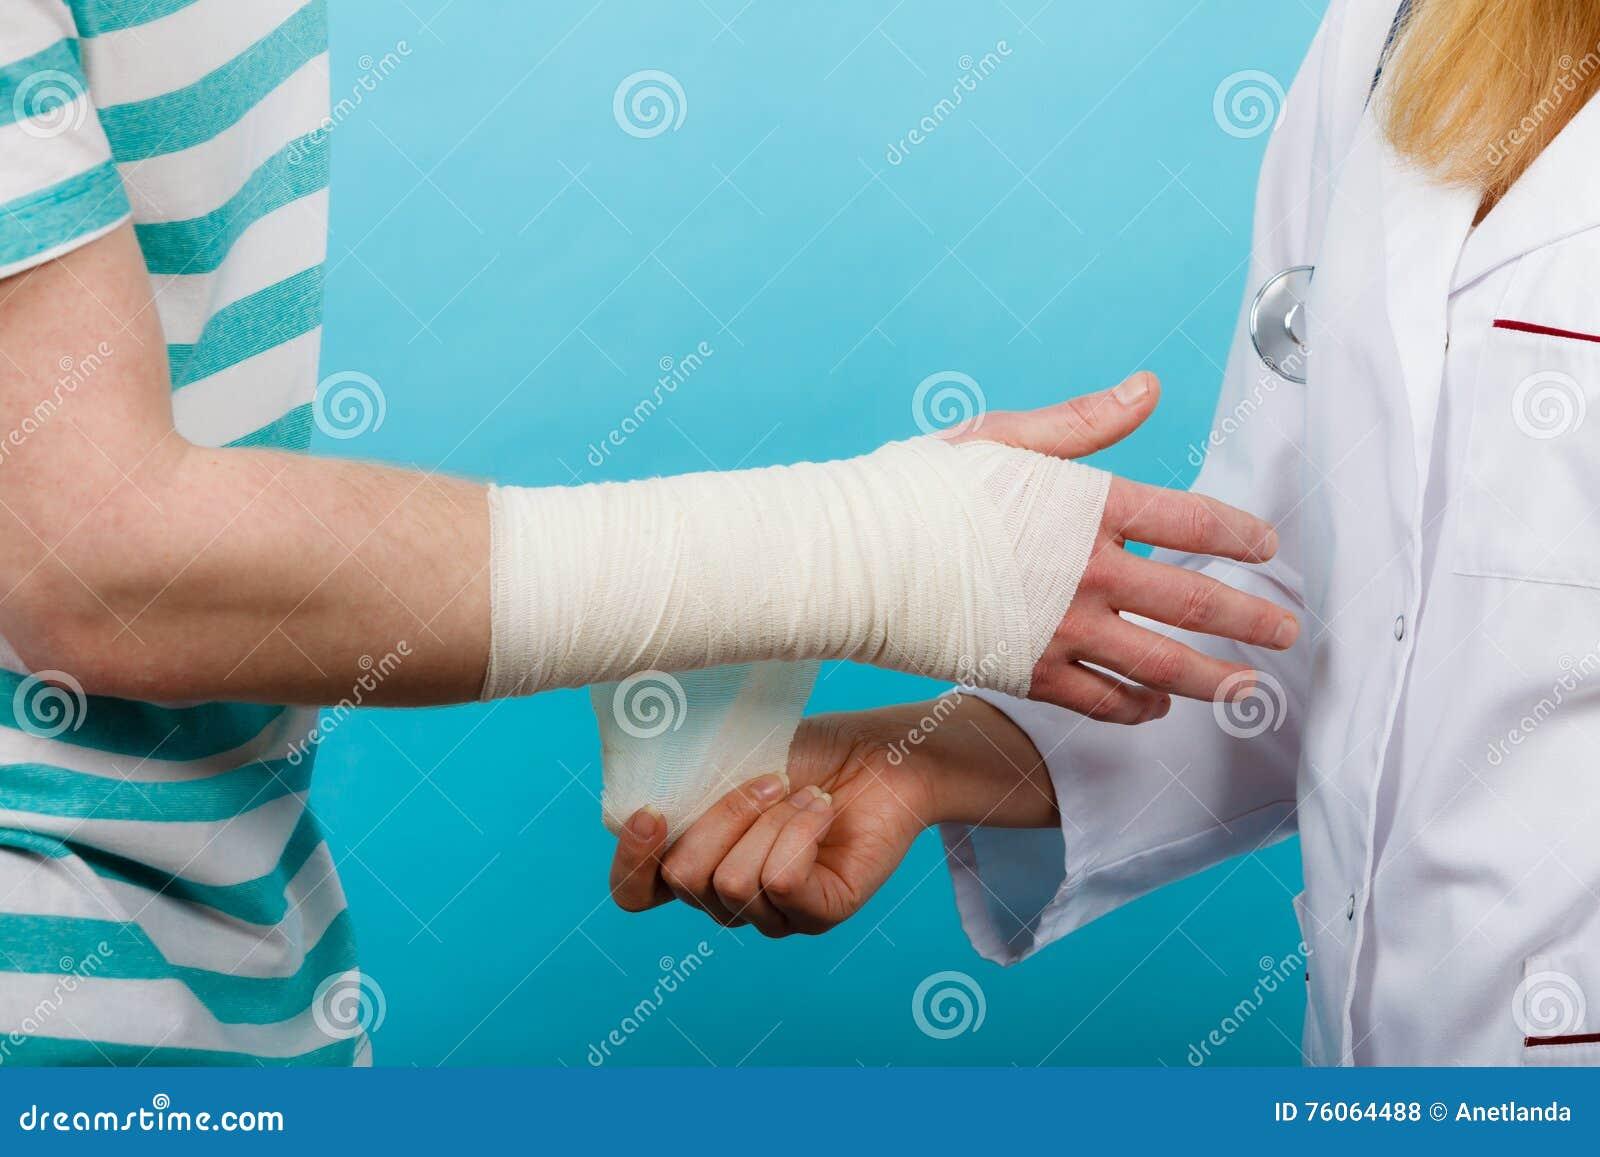 Doktor Der Verstauchtes Handgelenk Verbindet Stockfoto Bild Von